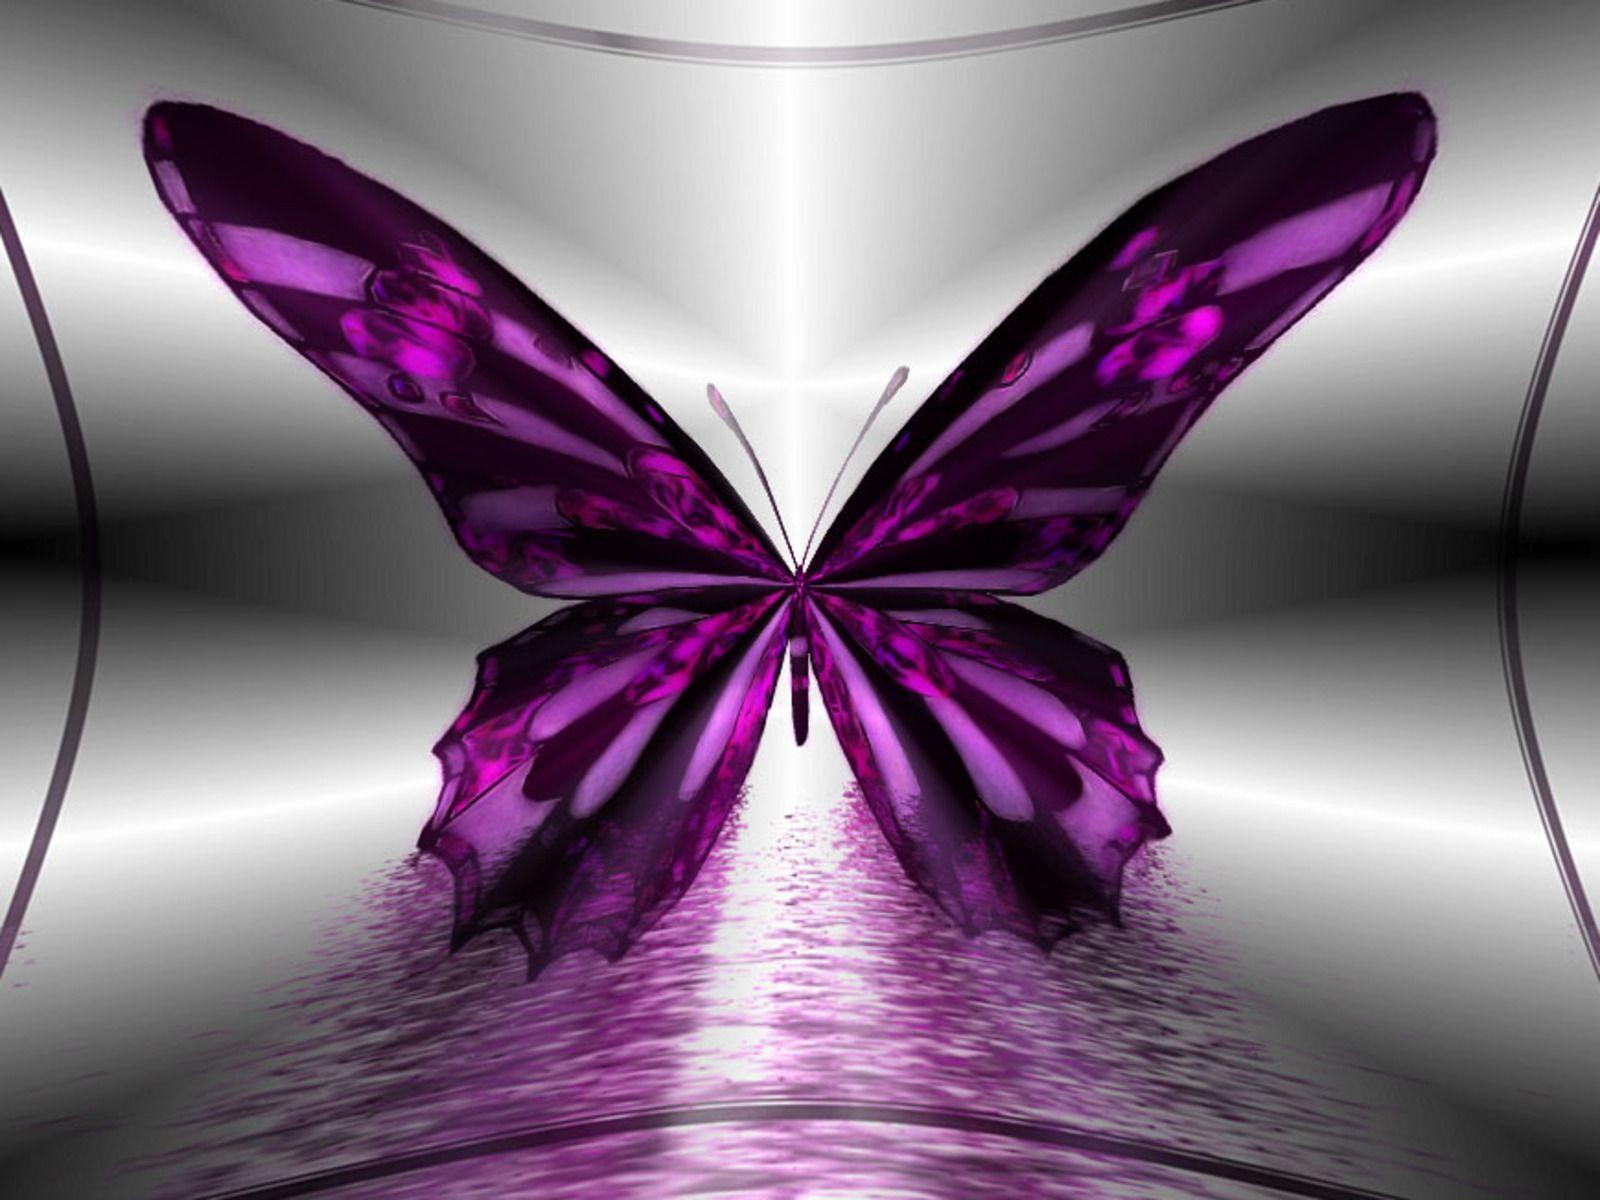 pretty purple backgrounds wallpapers hd desktop wallpapers free online